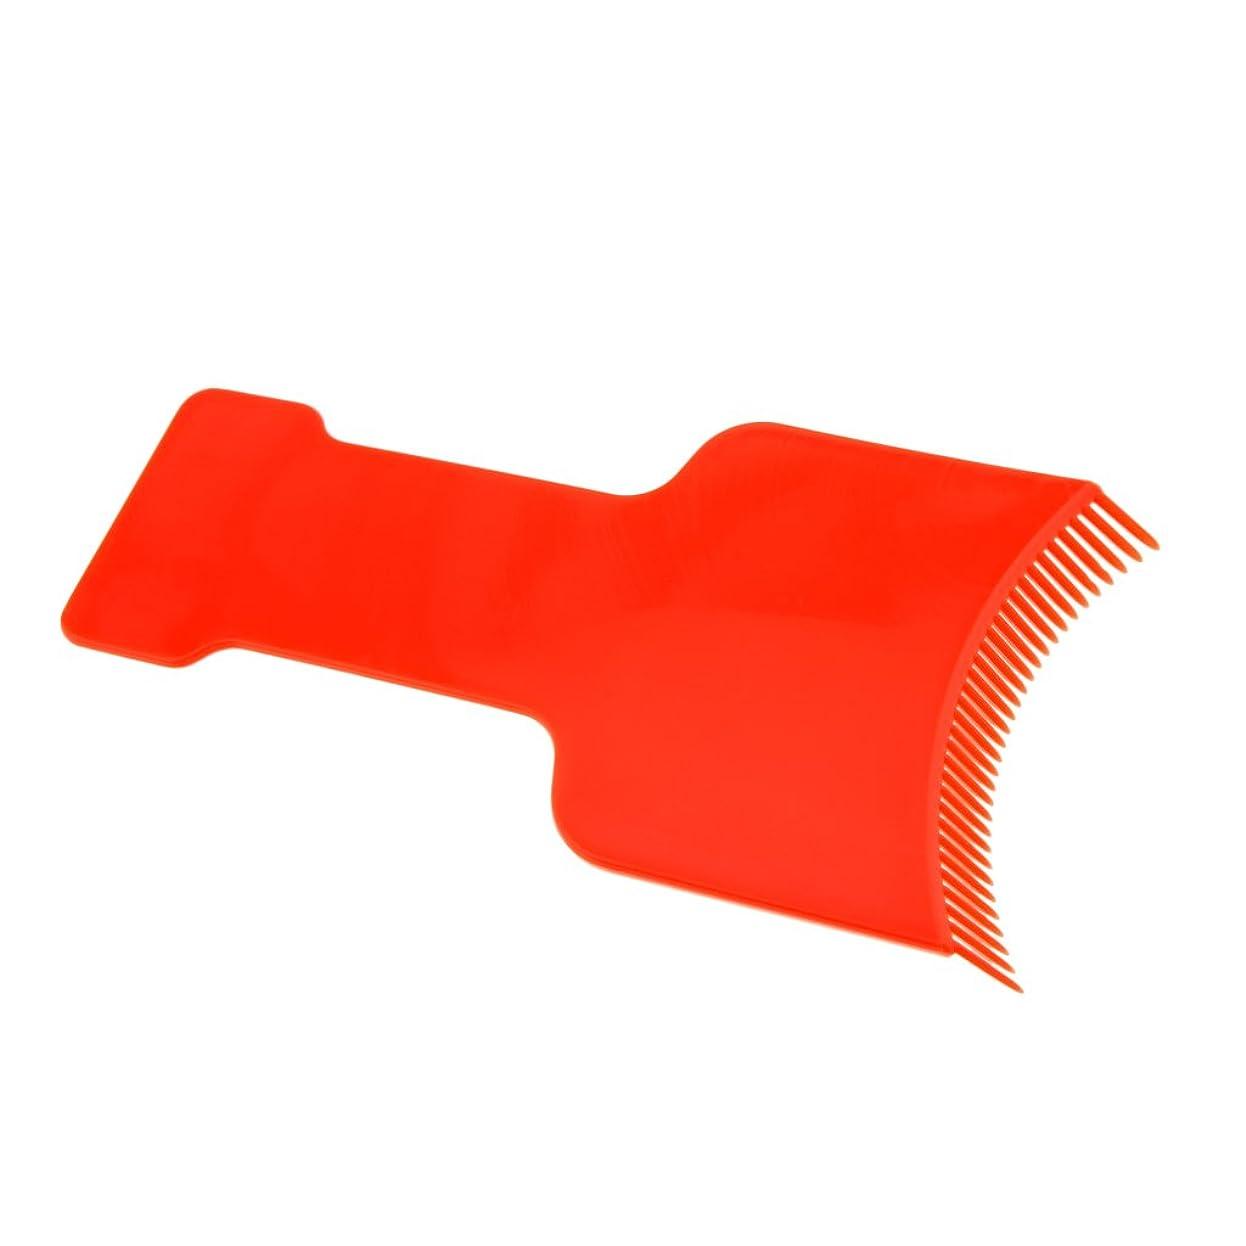 終わった食い違い染色Blesiya ヘアカラーボード サロン ヘアカラー ボード ヘアカラーティントプレート 理髪 美容院